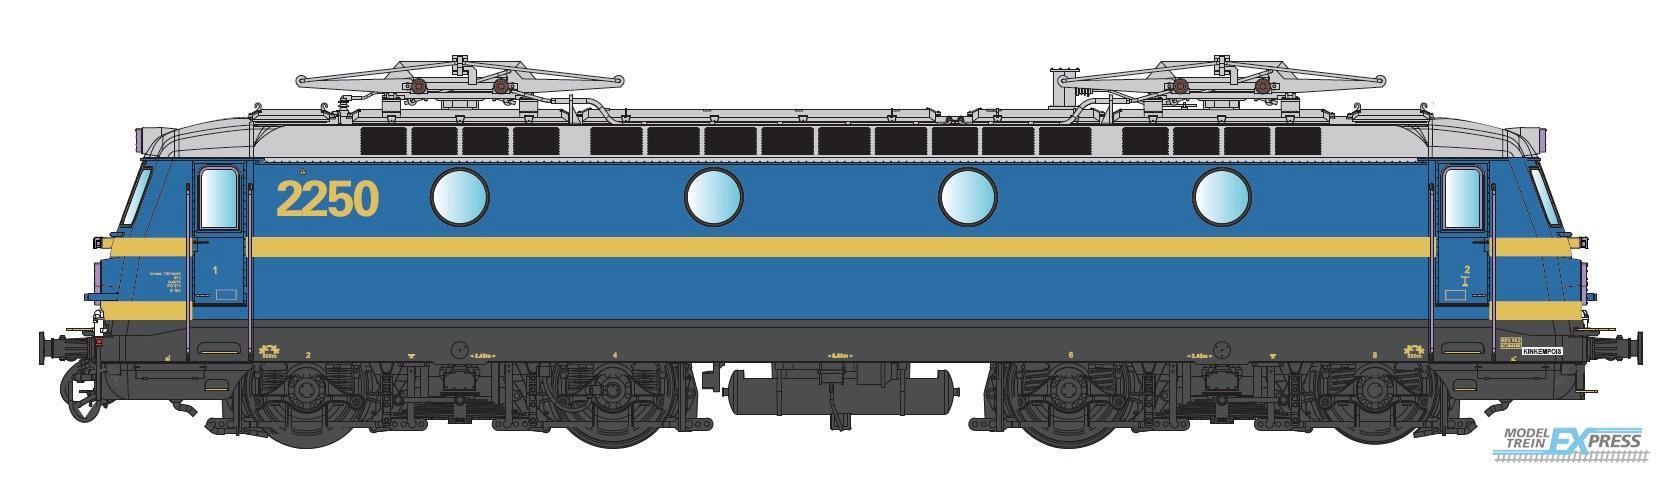 B-Models 3307.02